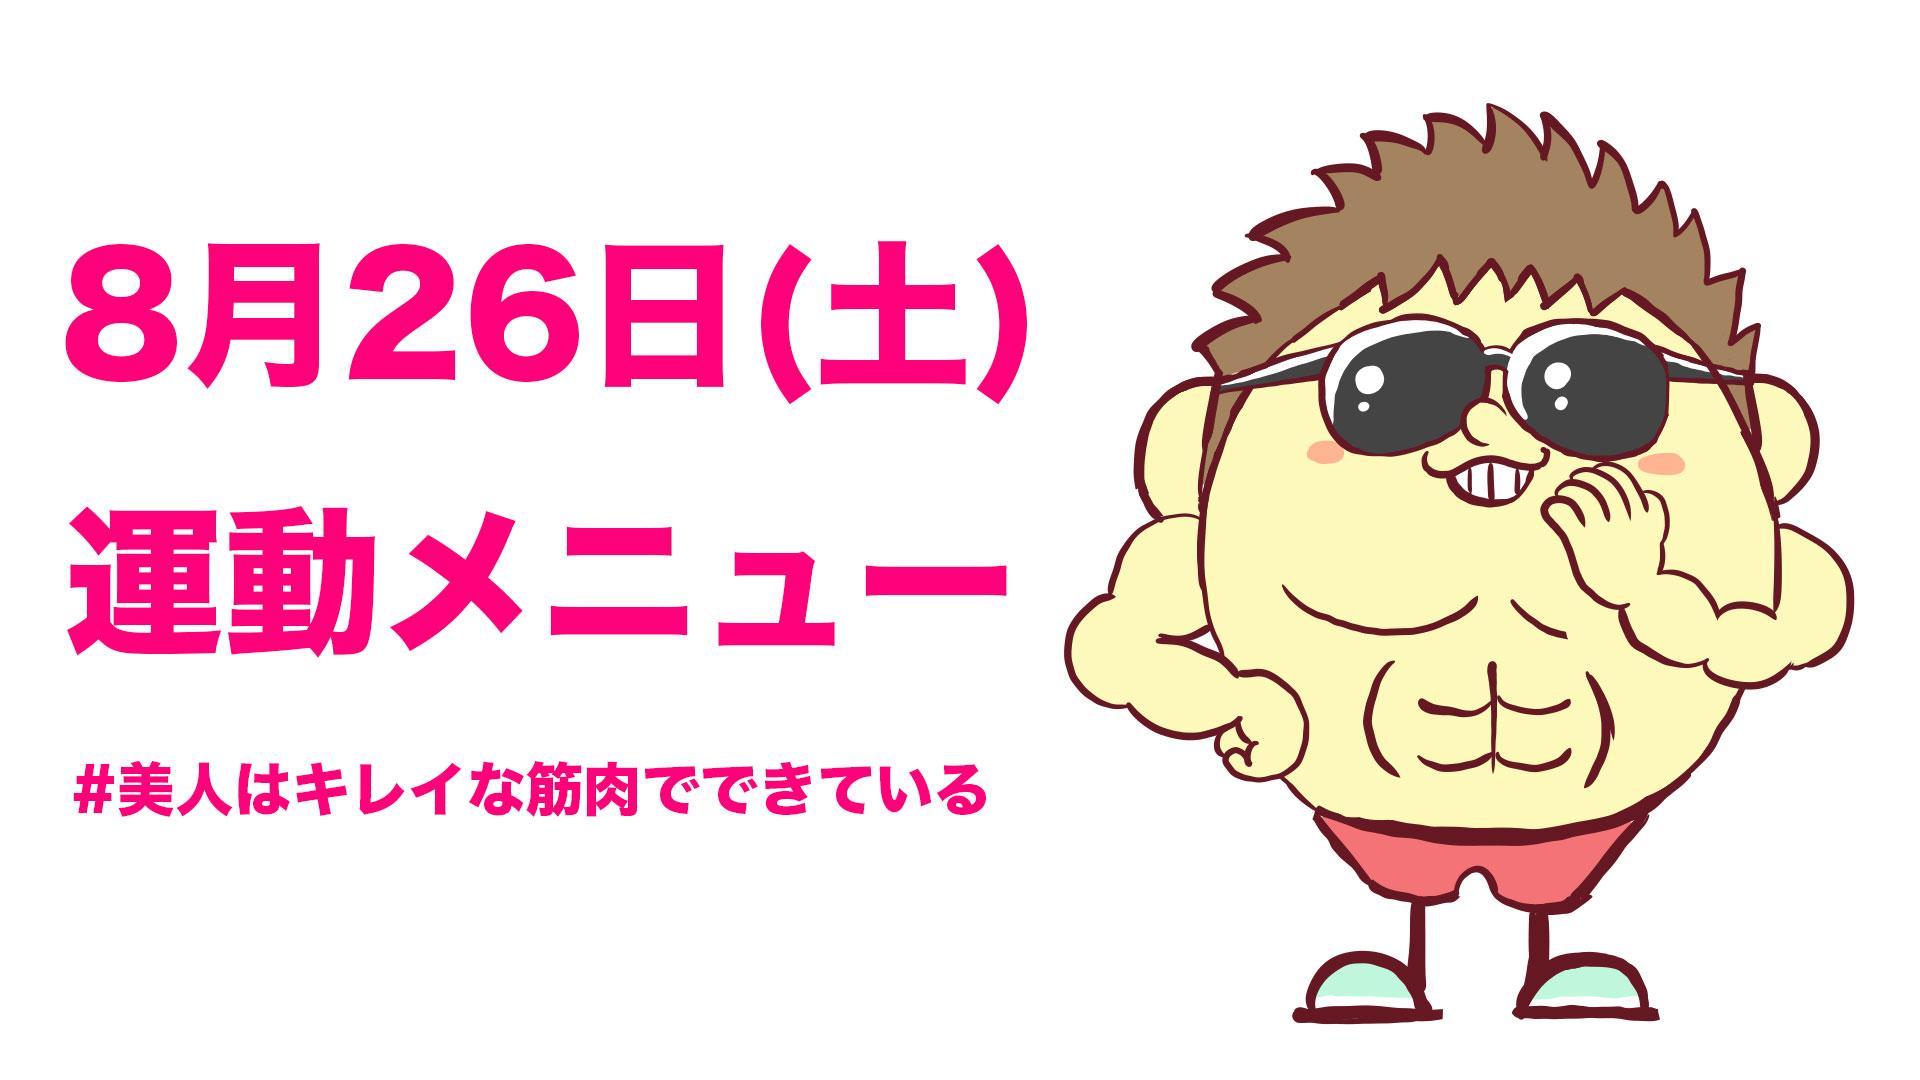 8/26の運動メニュー!